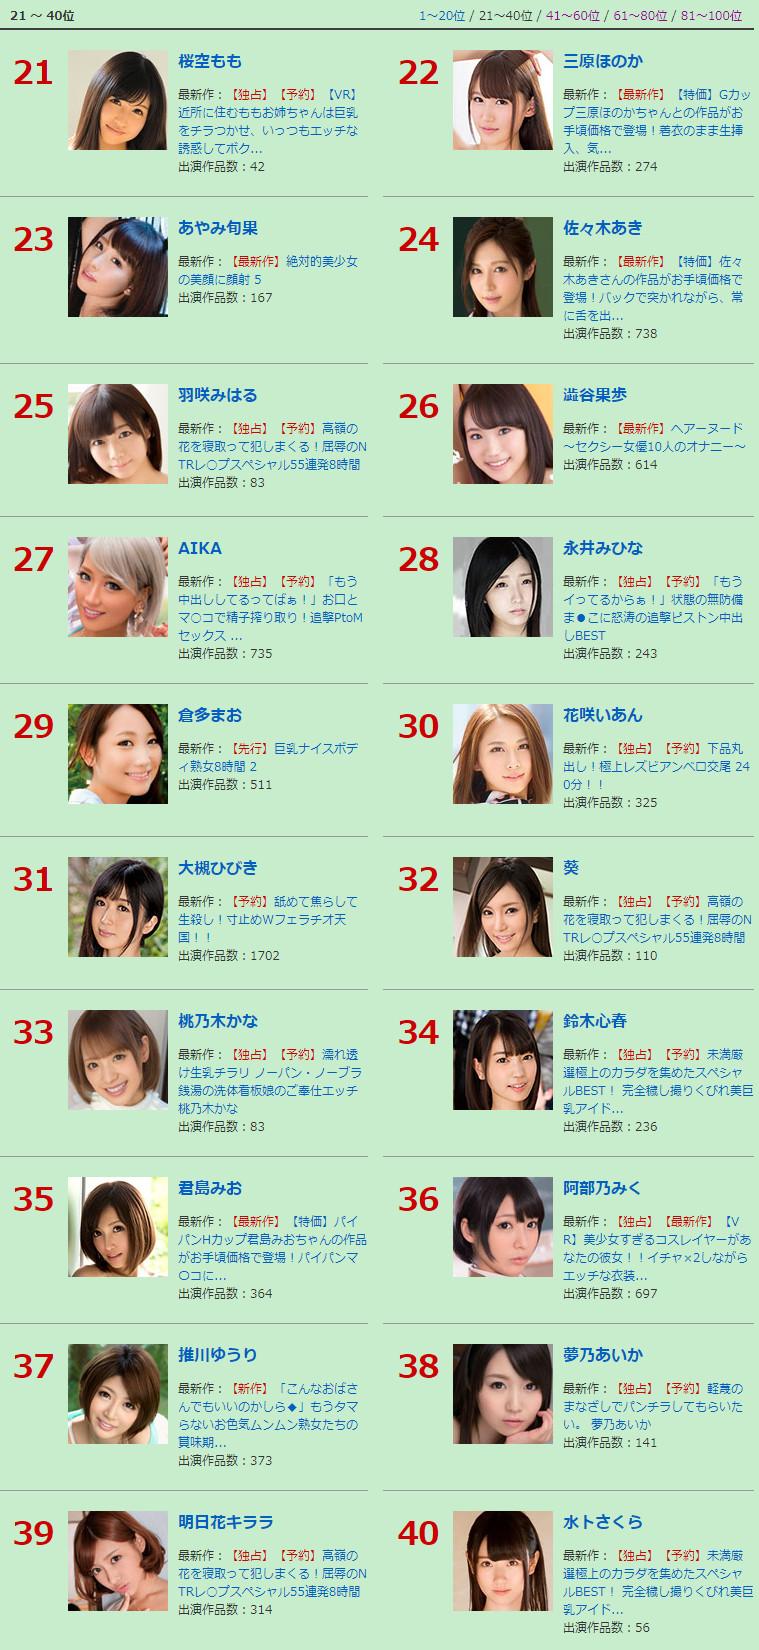 FANZA-1月份老师考评表:三上悠亚、桥本有菜、筱田优占据前三甲